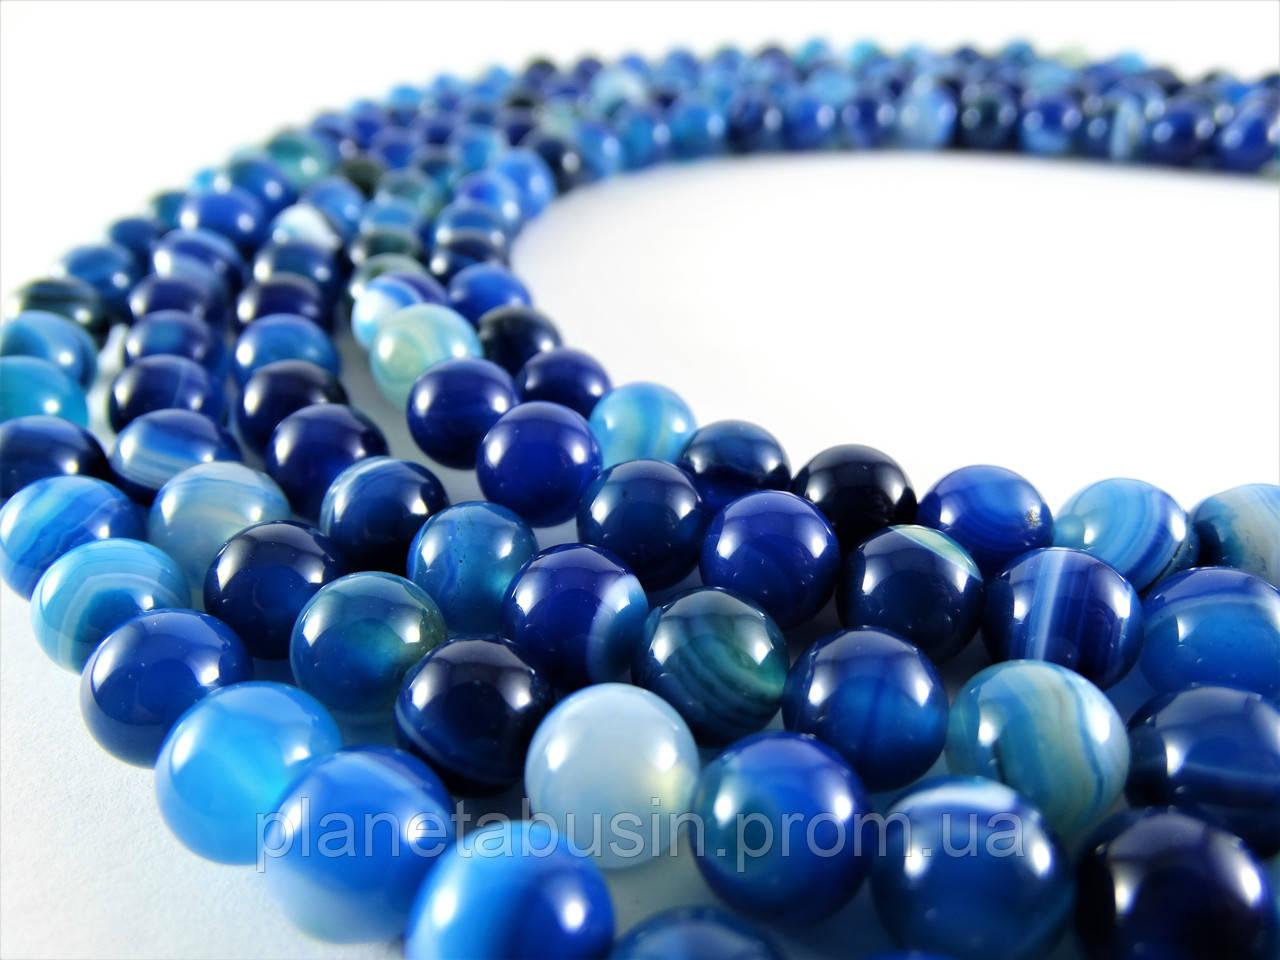 8 мм Синий Полосатый Агат, CN133, Натуральный камень, Форма: Шар, Отверстие: 1 мм, кол-во: 47-48 шт/нить